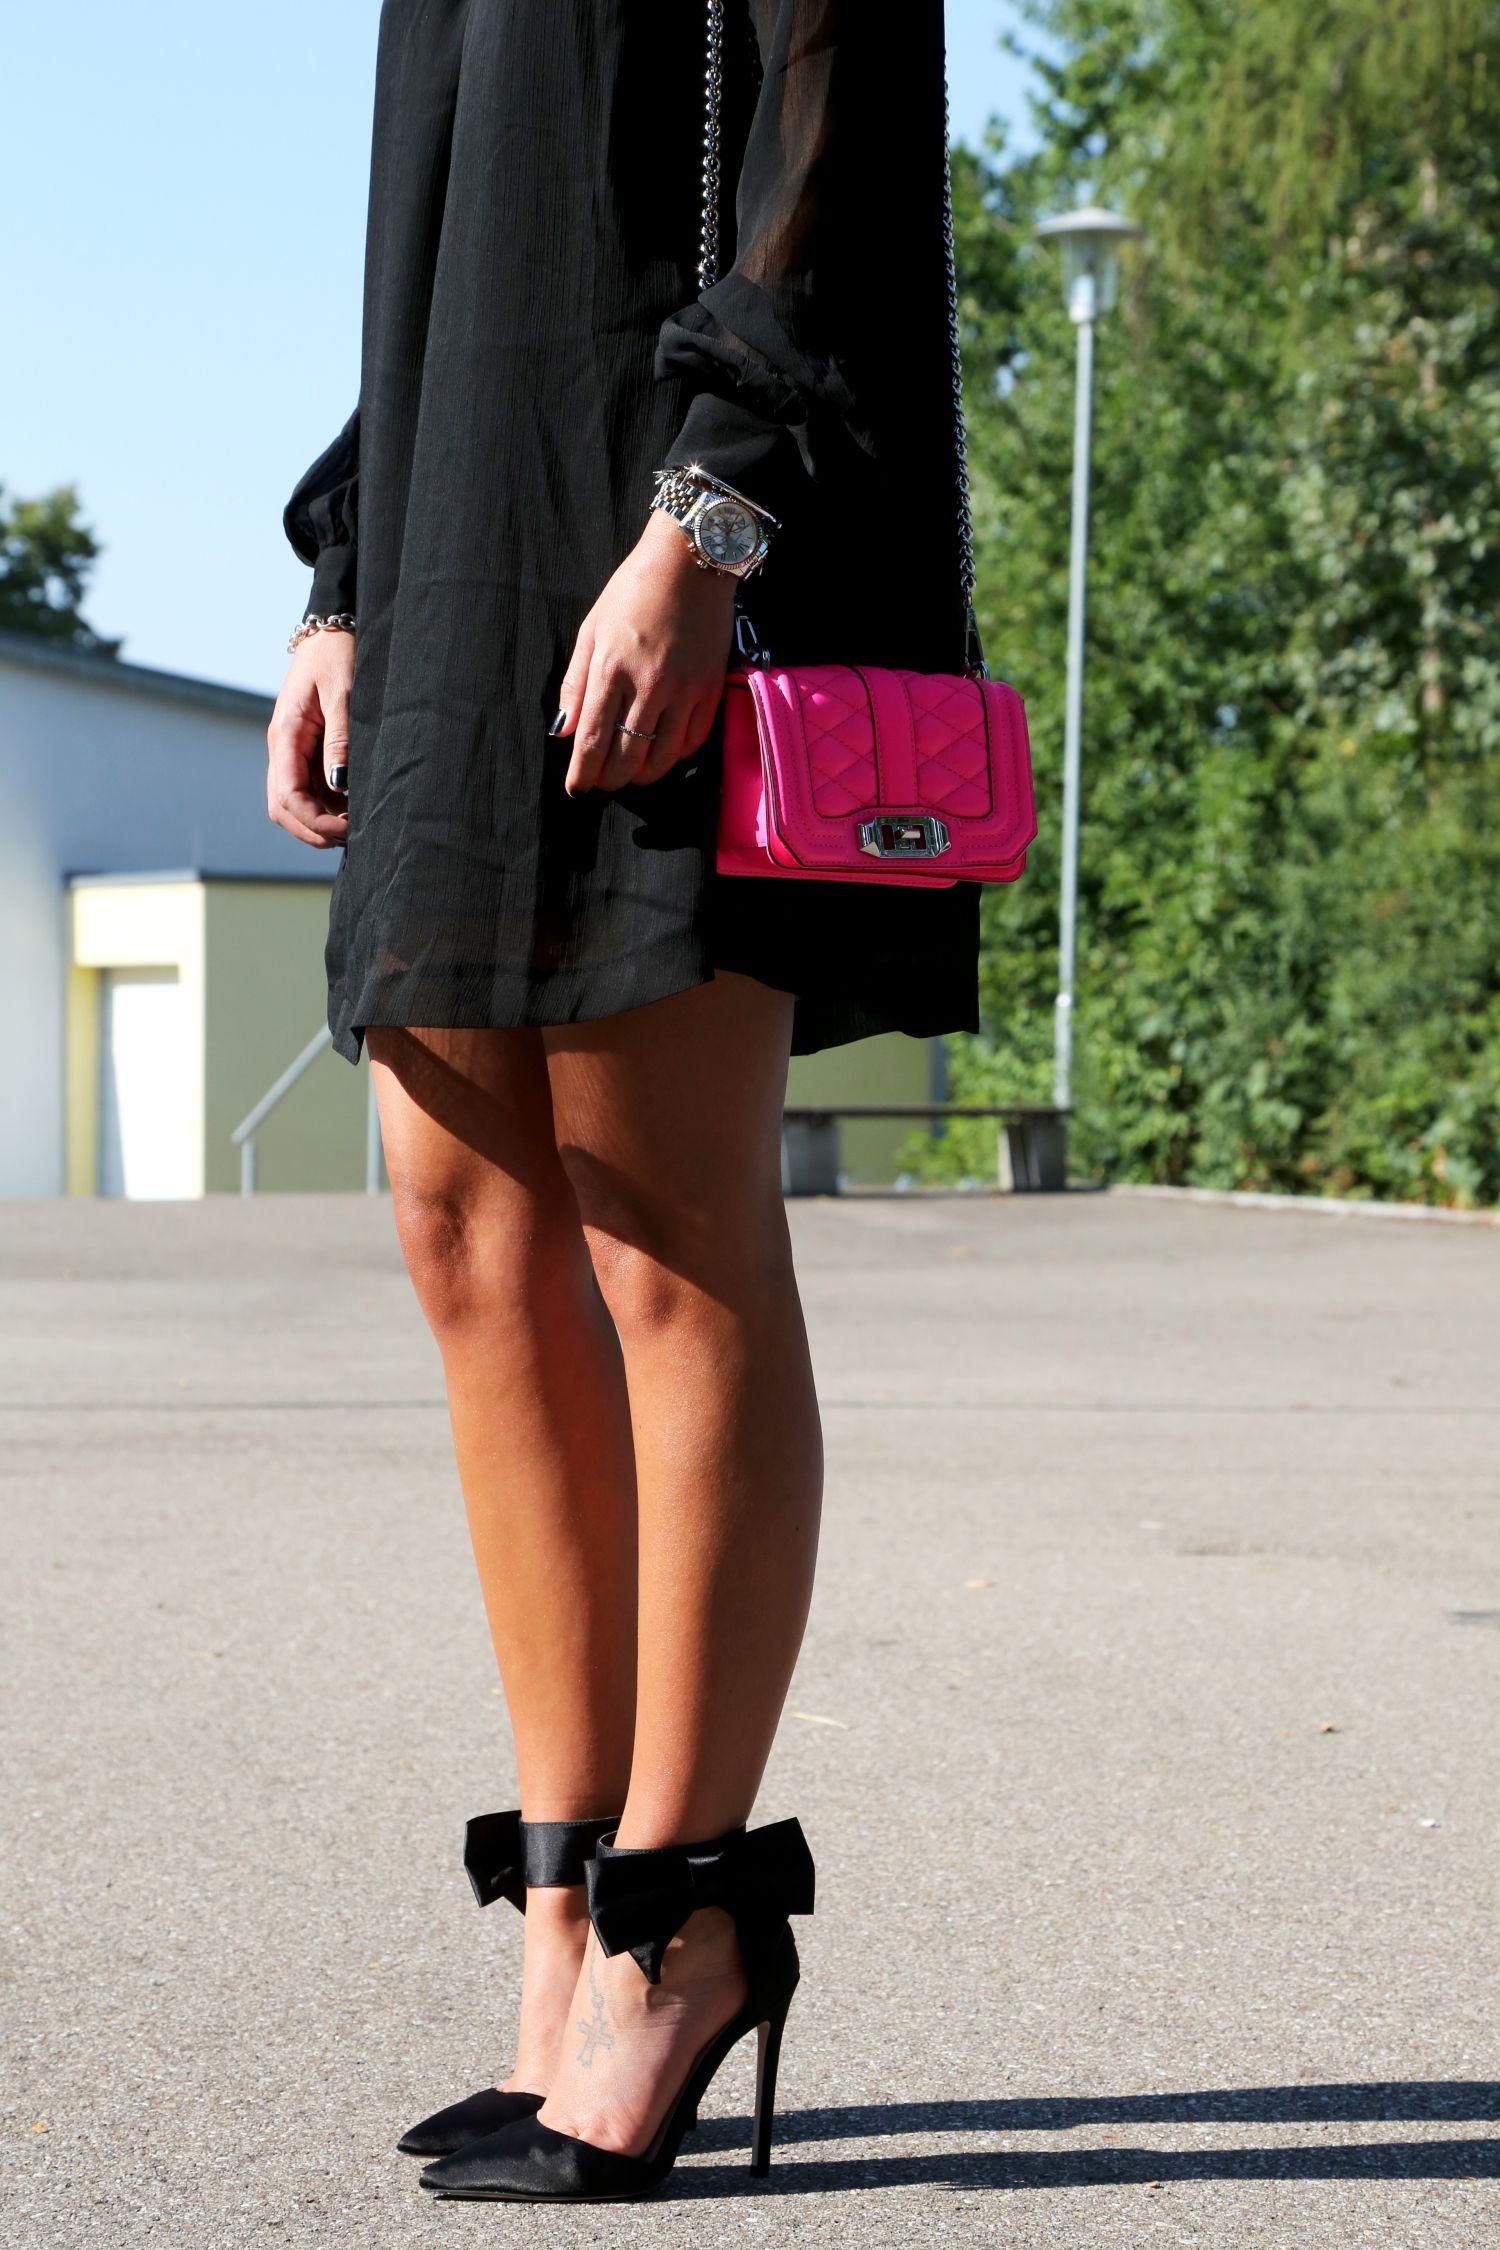 Little Black Dress Fashionhippieloves Little Black Dress Black Dress Neon Bag [ 2250 x 1500 Pixel ]